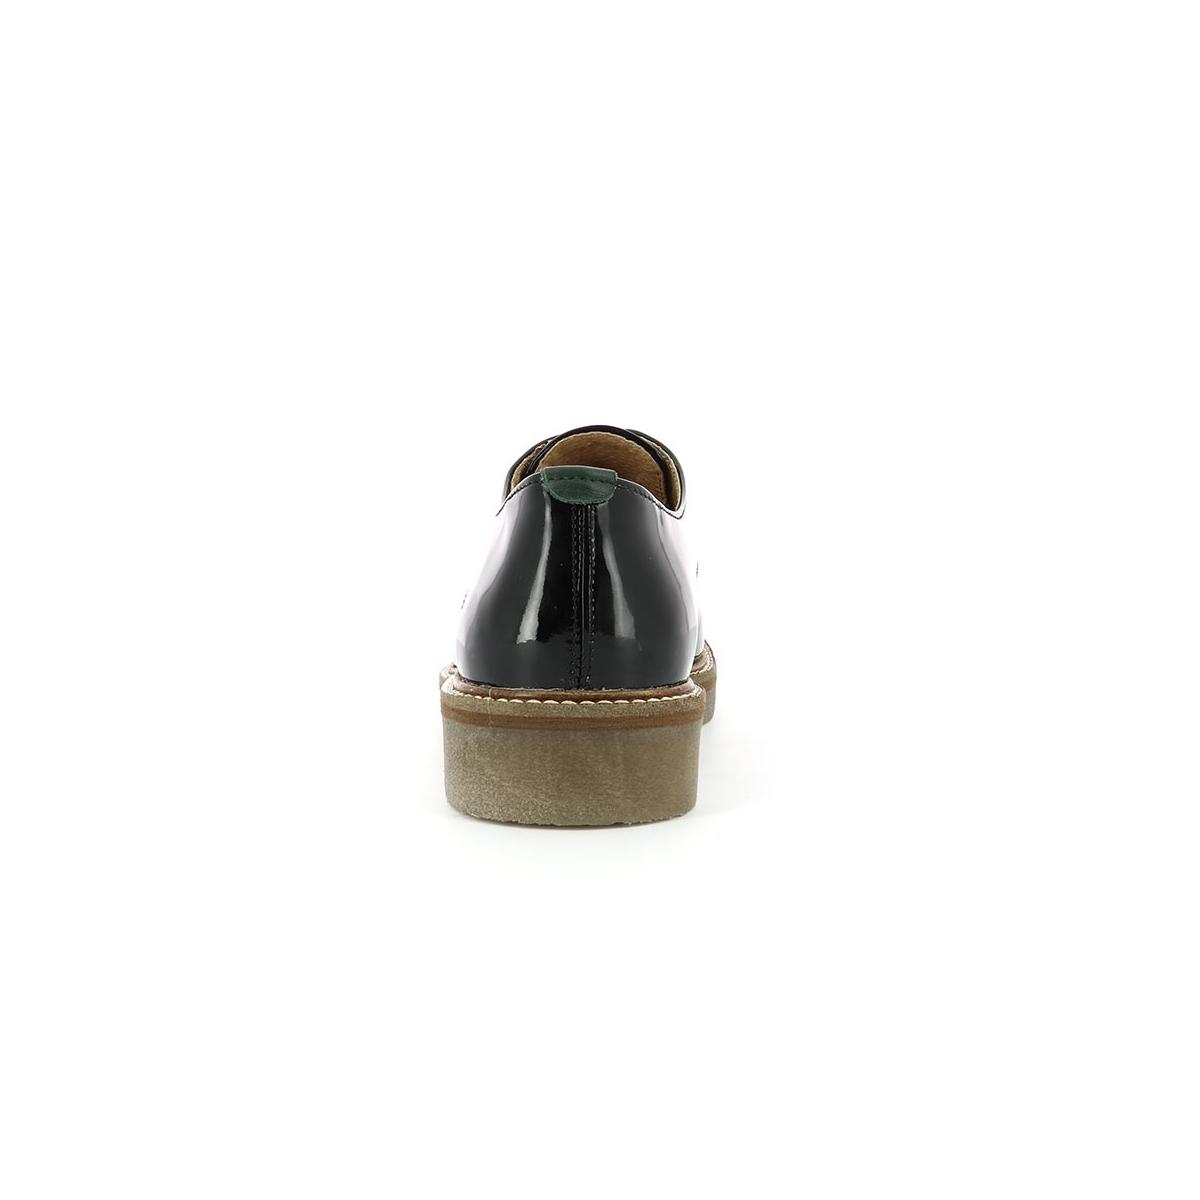 Kickers Vernis Oxfork Chaussures Femme Noir Fqxp7 dqwzYxOz